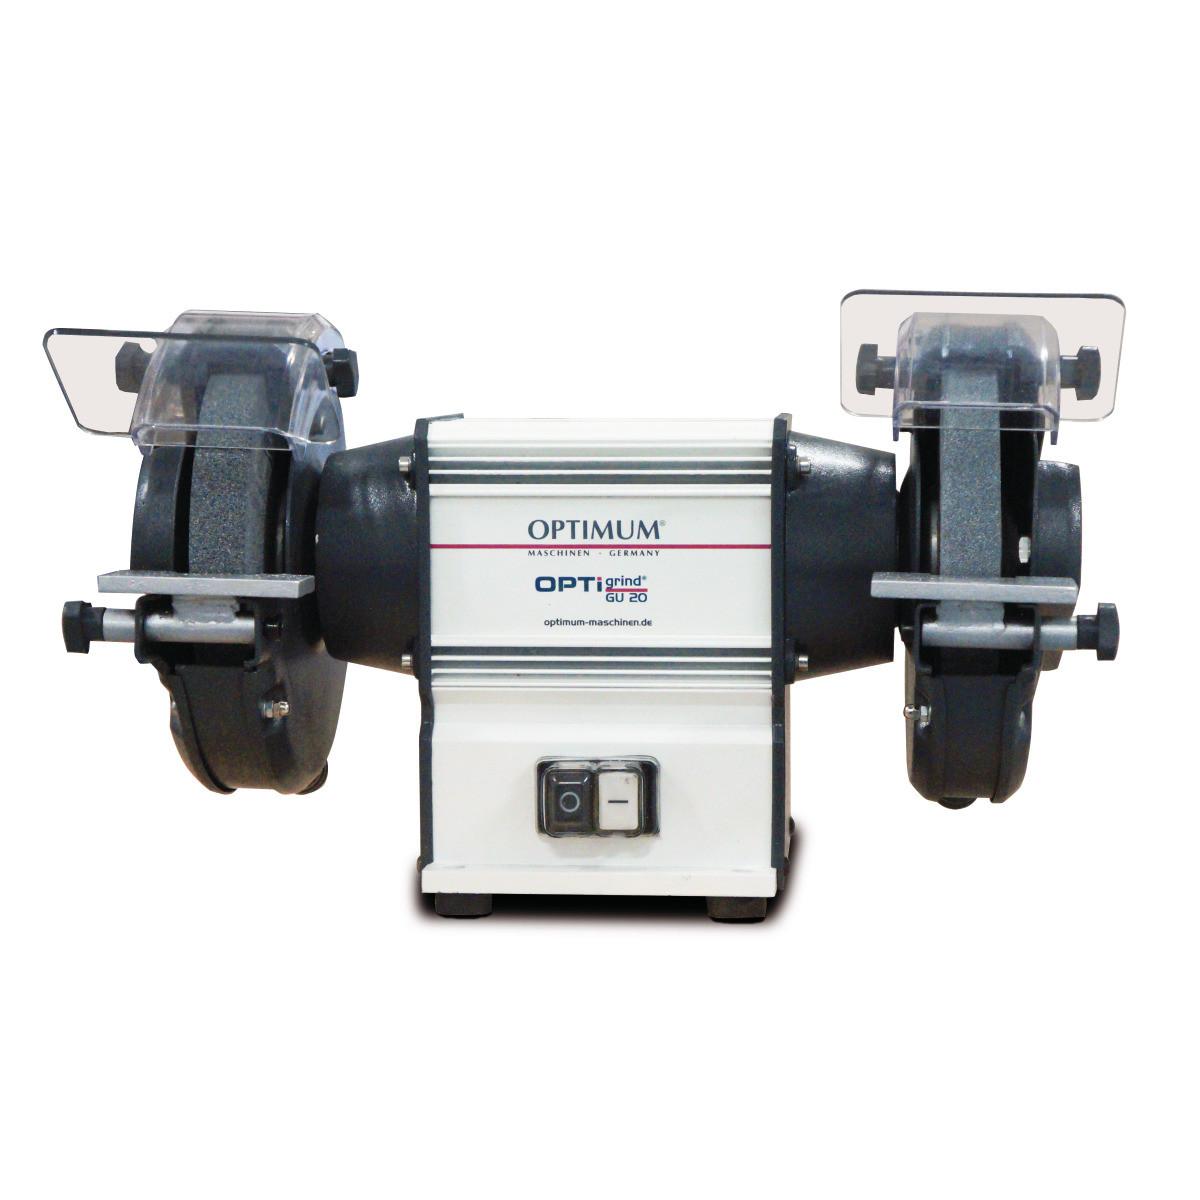 Точильный станок по металлу OPTIgrind GU 20 (230 В)